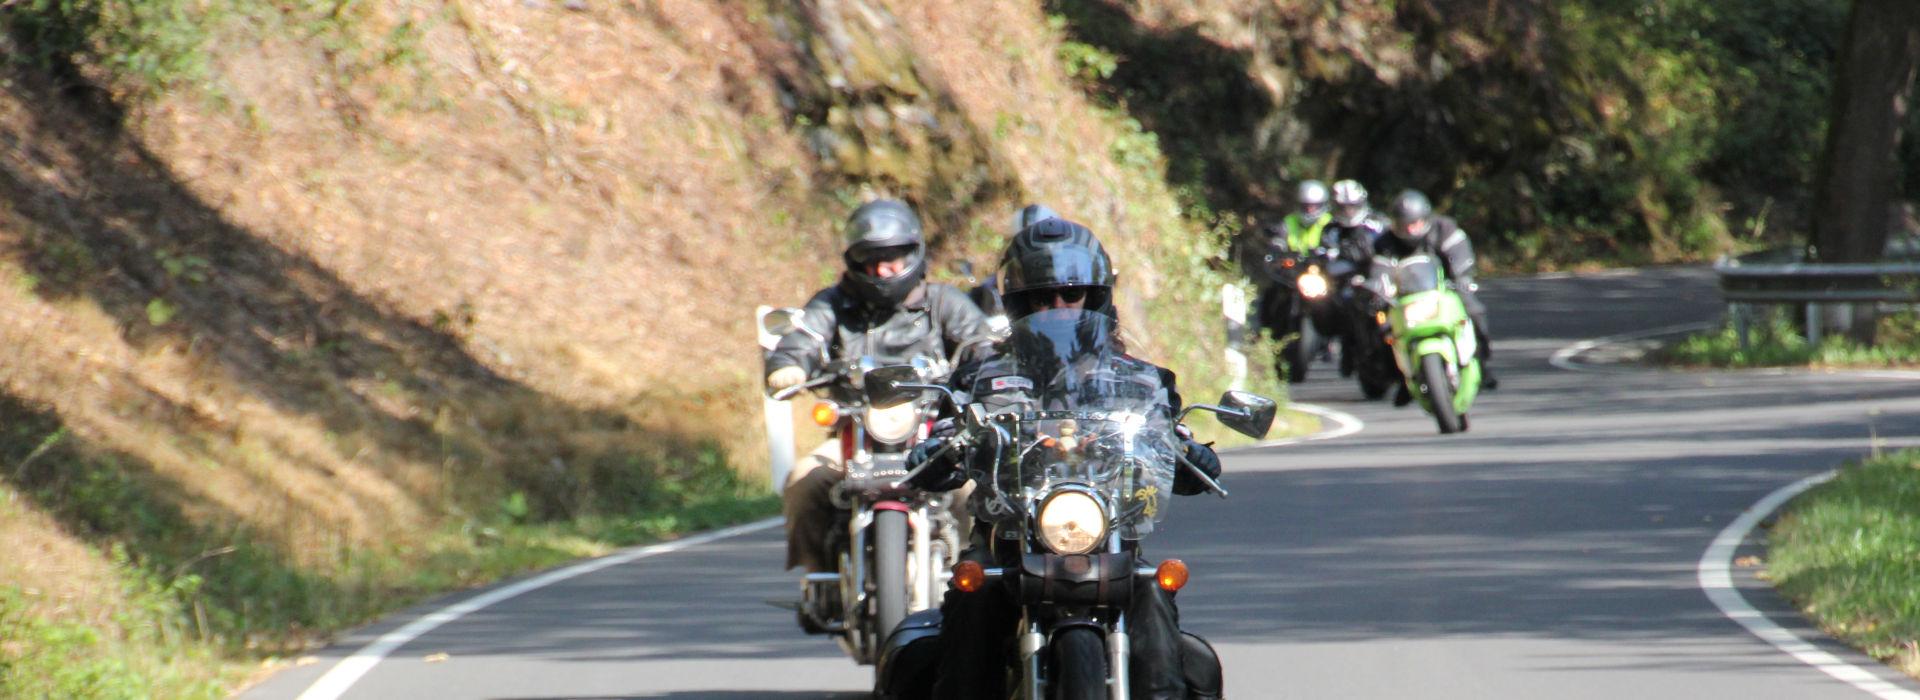 Motorrijbewijspoint Lelystad snel motorrijbewijs halen